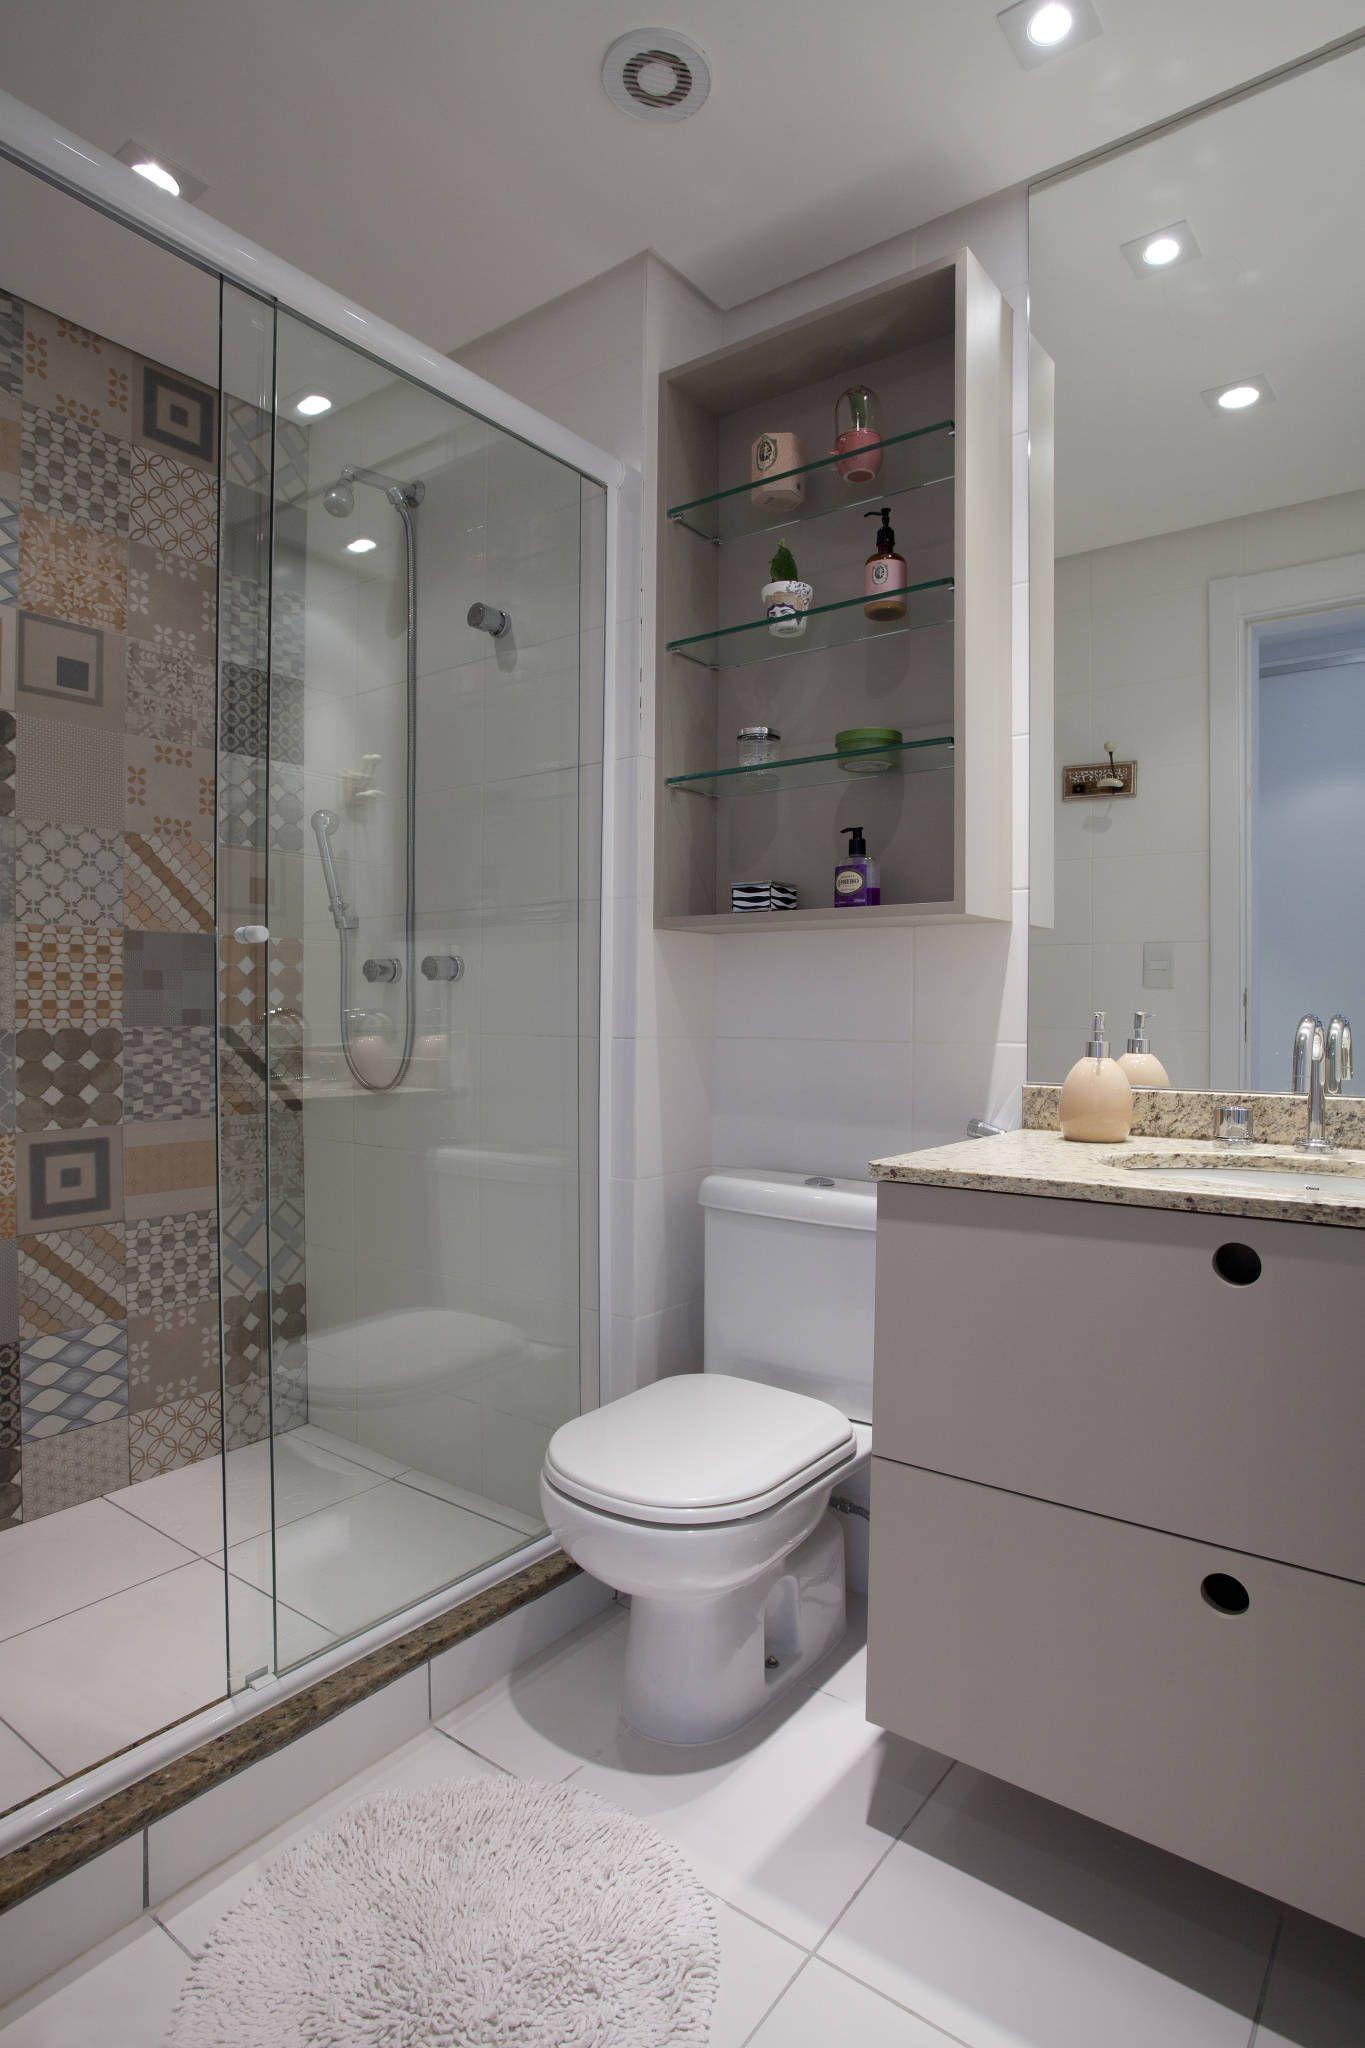 Imágenes de decoración y diseño de Interiores Bathroom designs